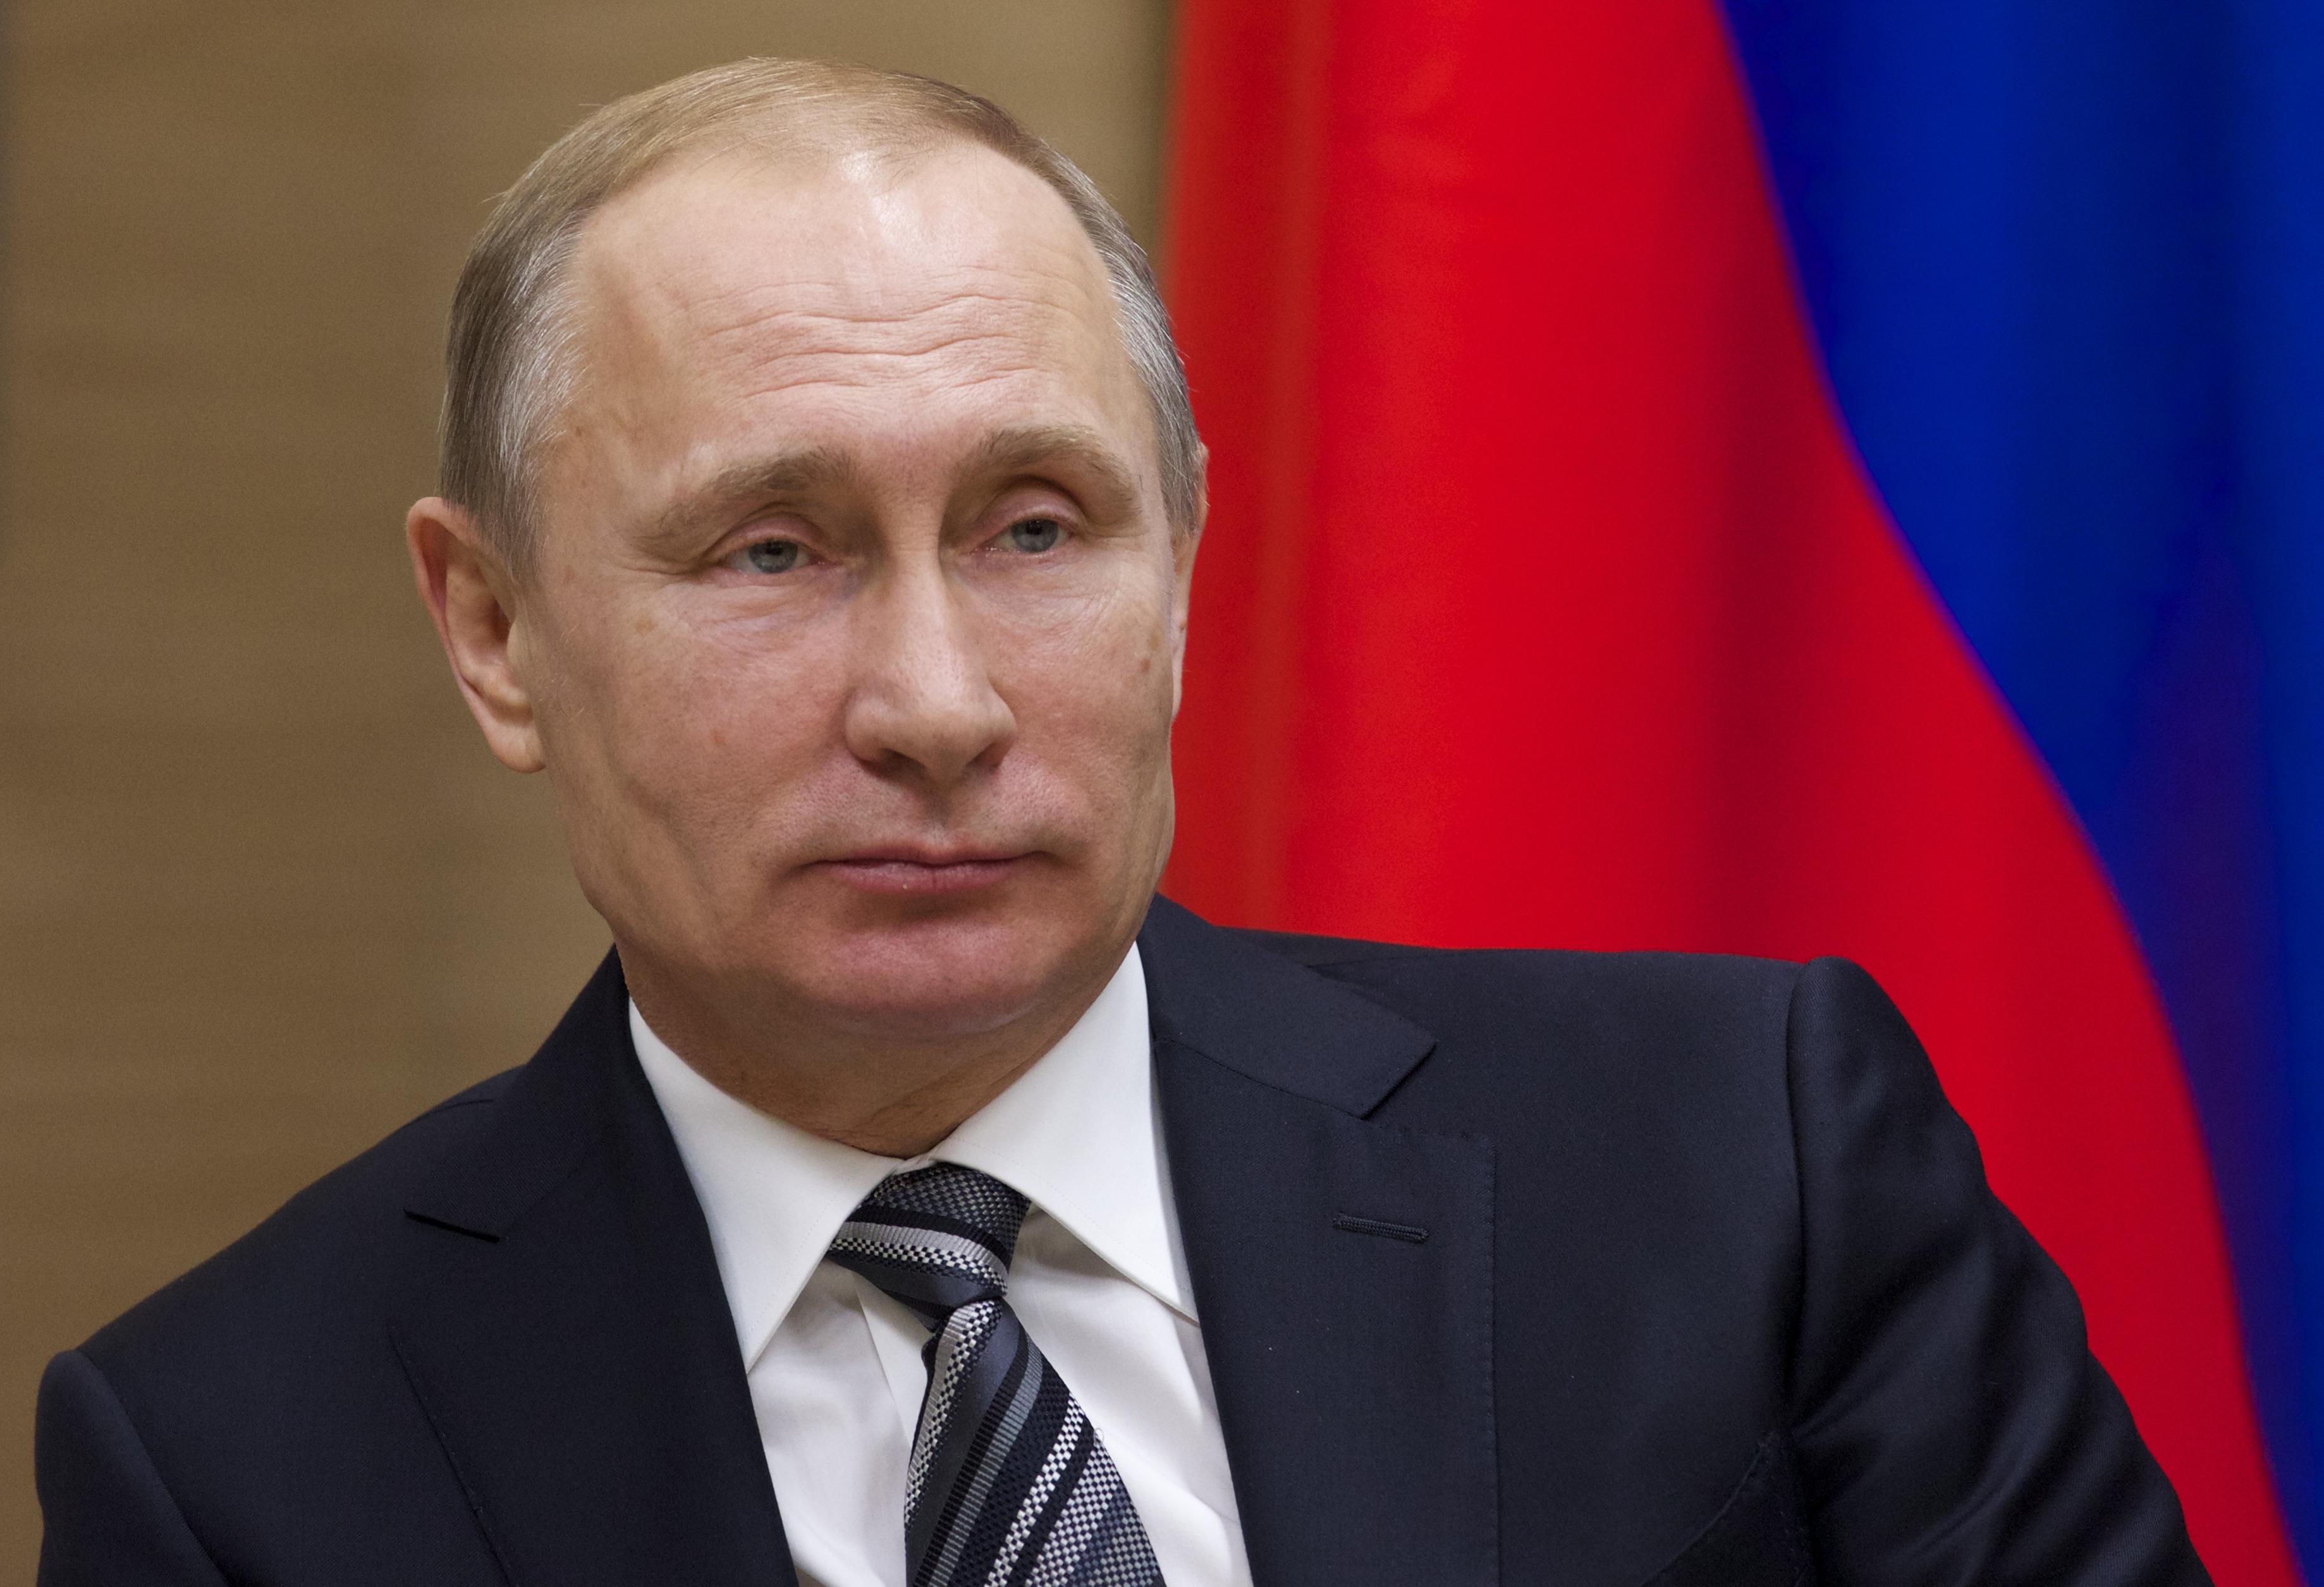 Administrația lui Vladimir-Putin-reia-acuzațiile-la-adresa-NATO